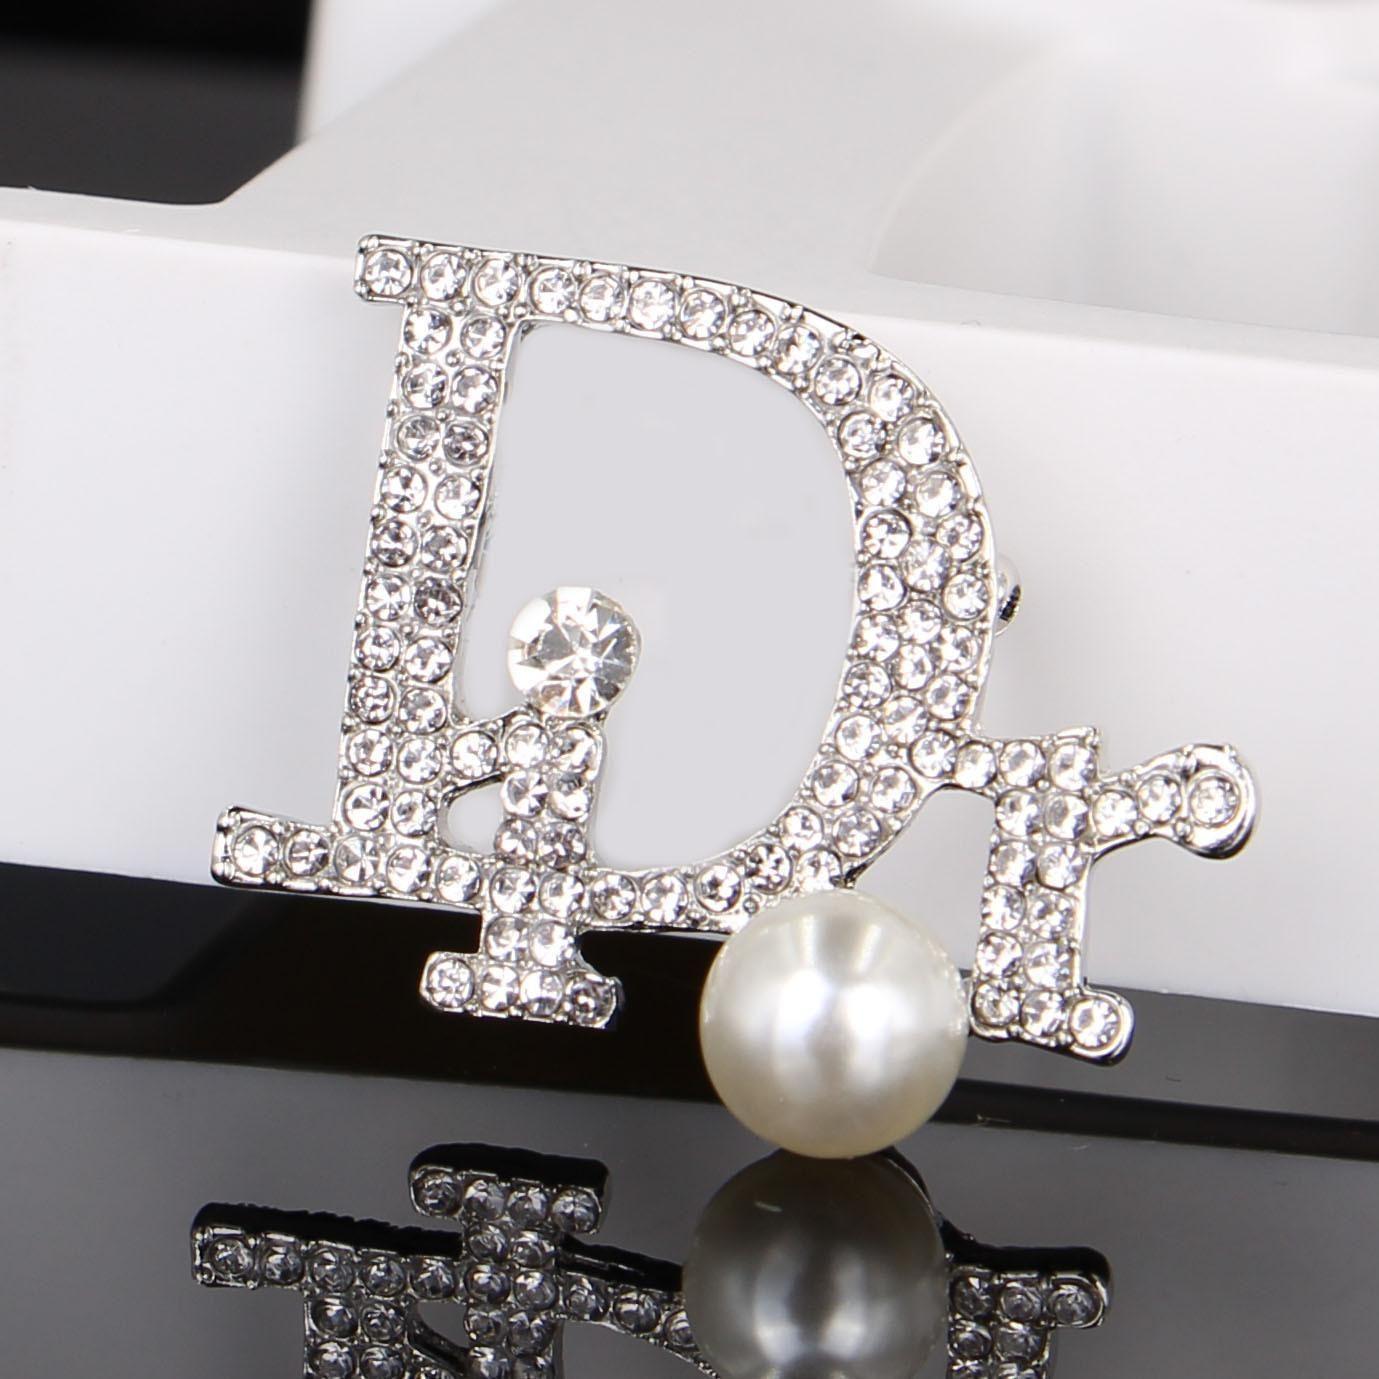 Crystal lujo de la vendimia de la broche de la Mujer Carta de perlas broches diseñador de moda Lover Marca broches regalo para el amor